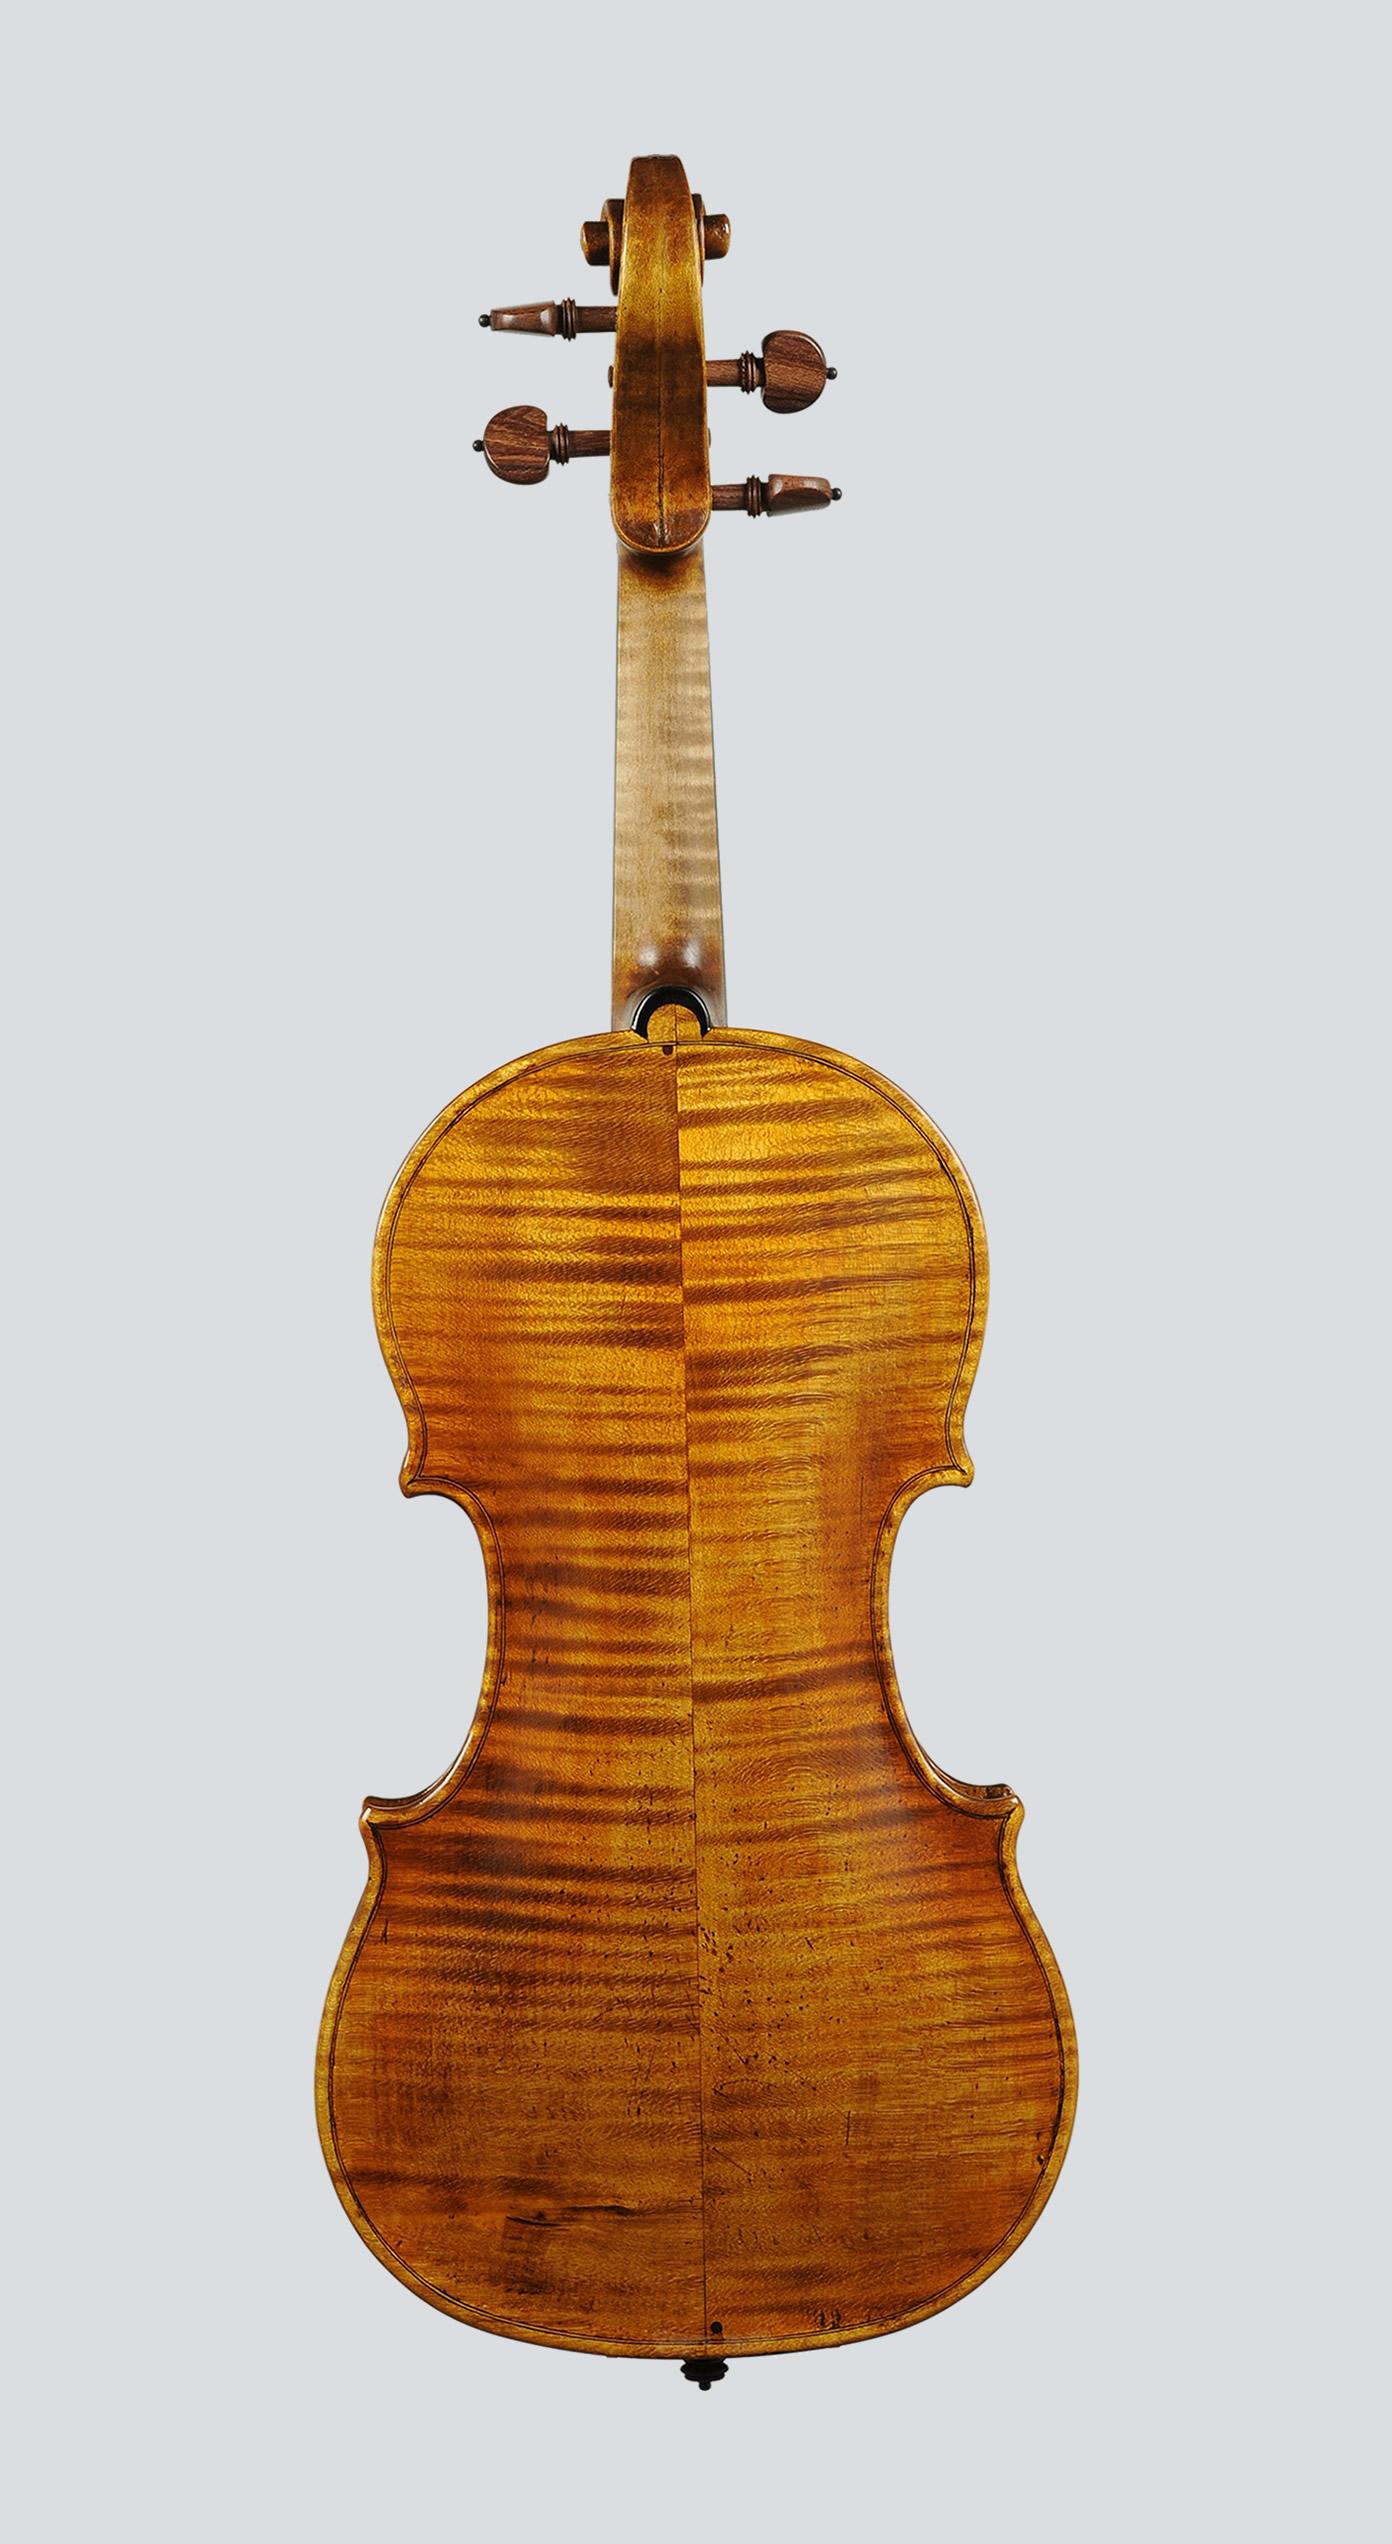 Violino modello Guadagnini